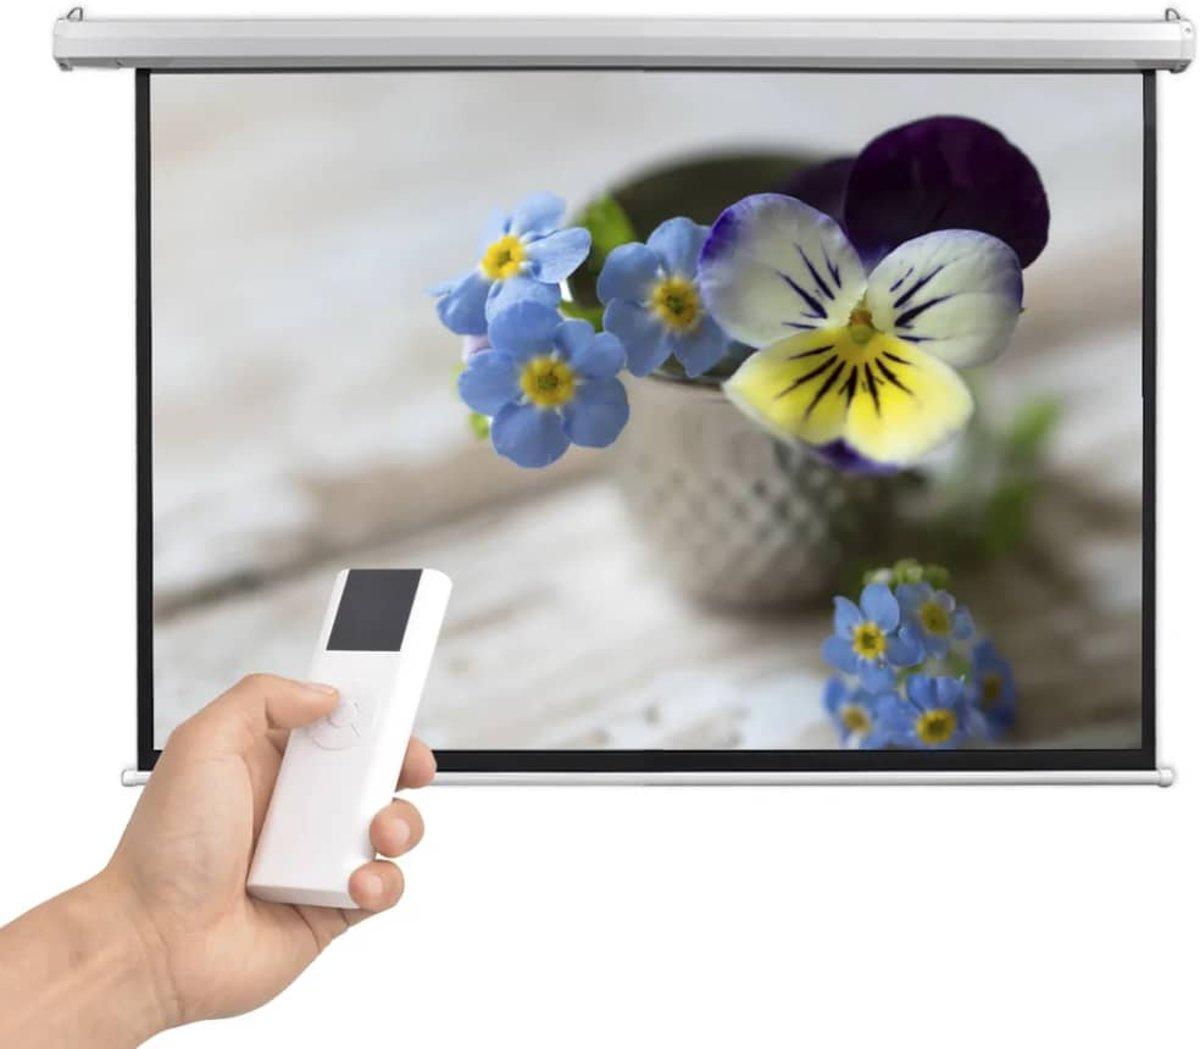 vidaXL Projectiescherm met afstandsbediening elektrisch 160x90 cm 16:9 kopen